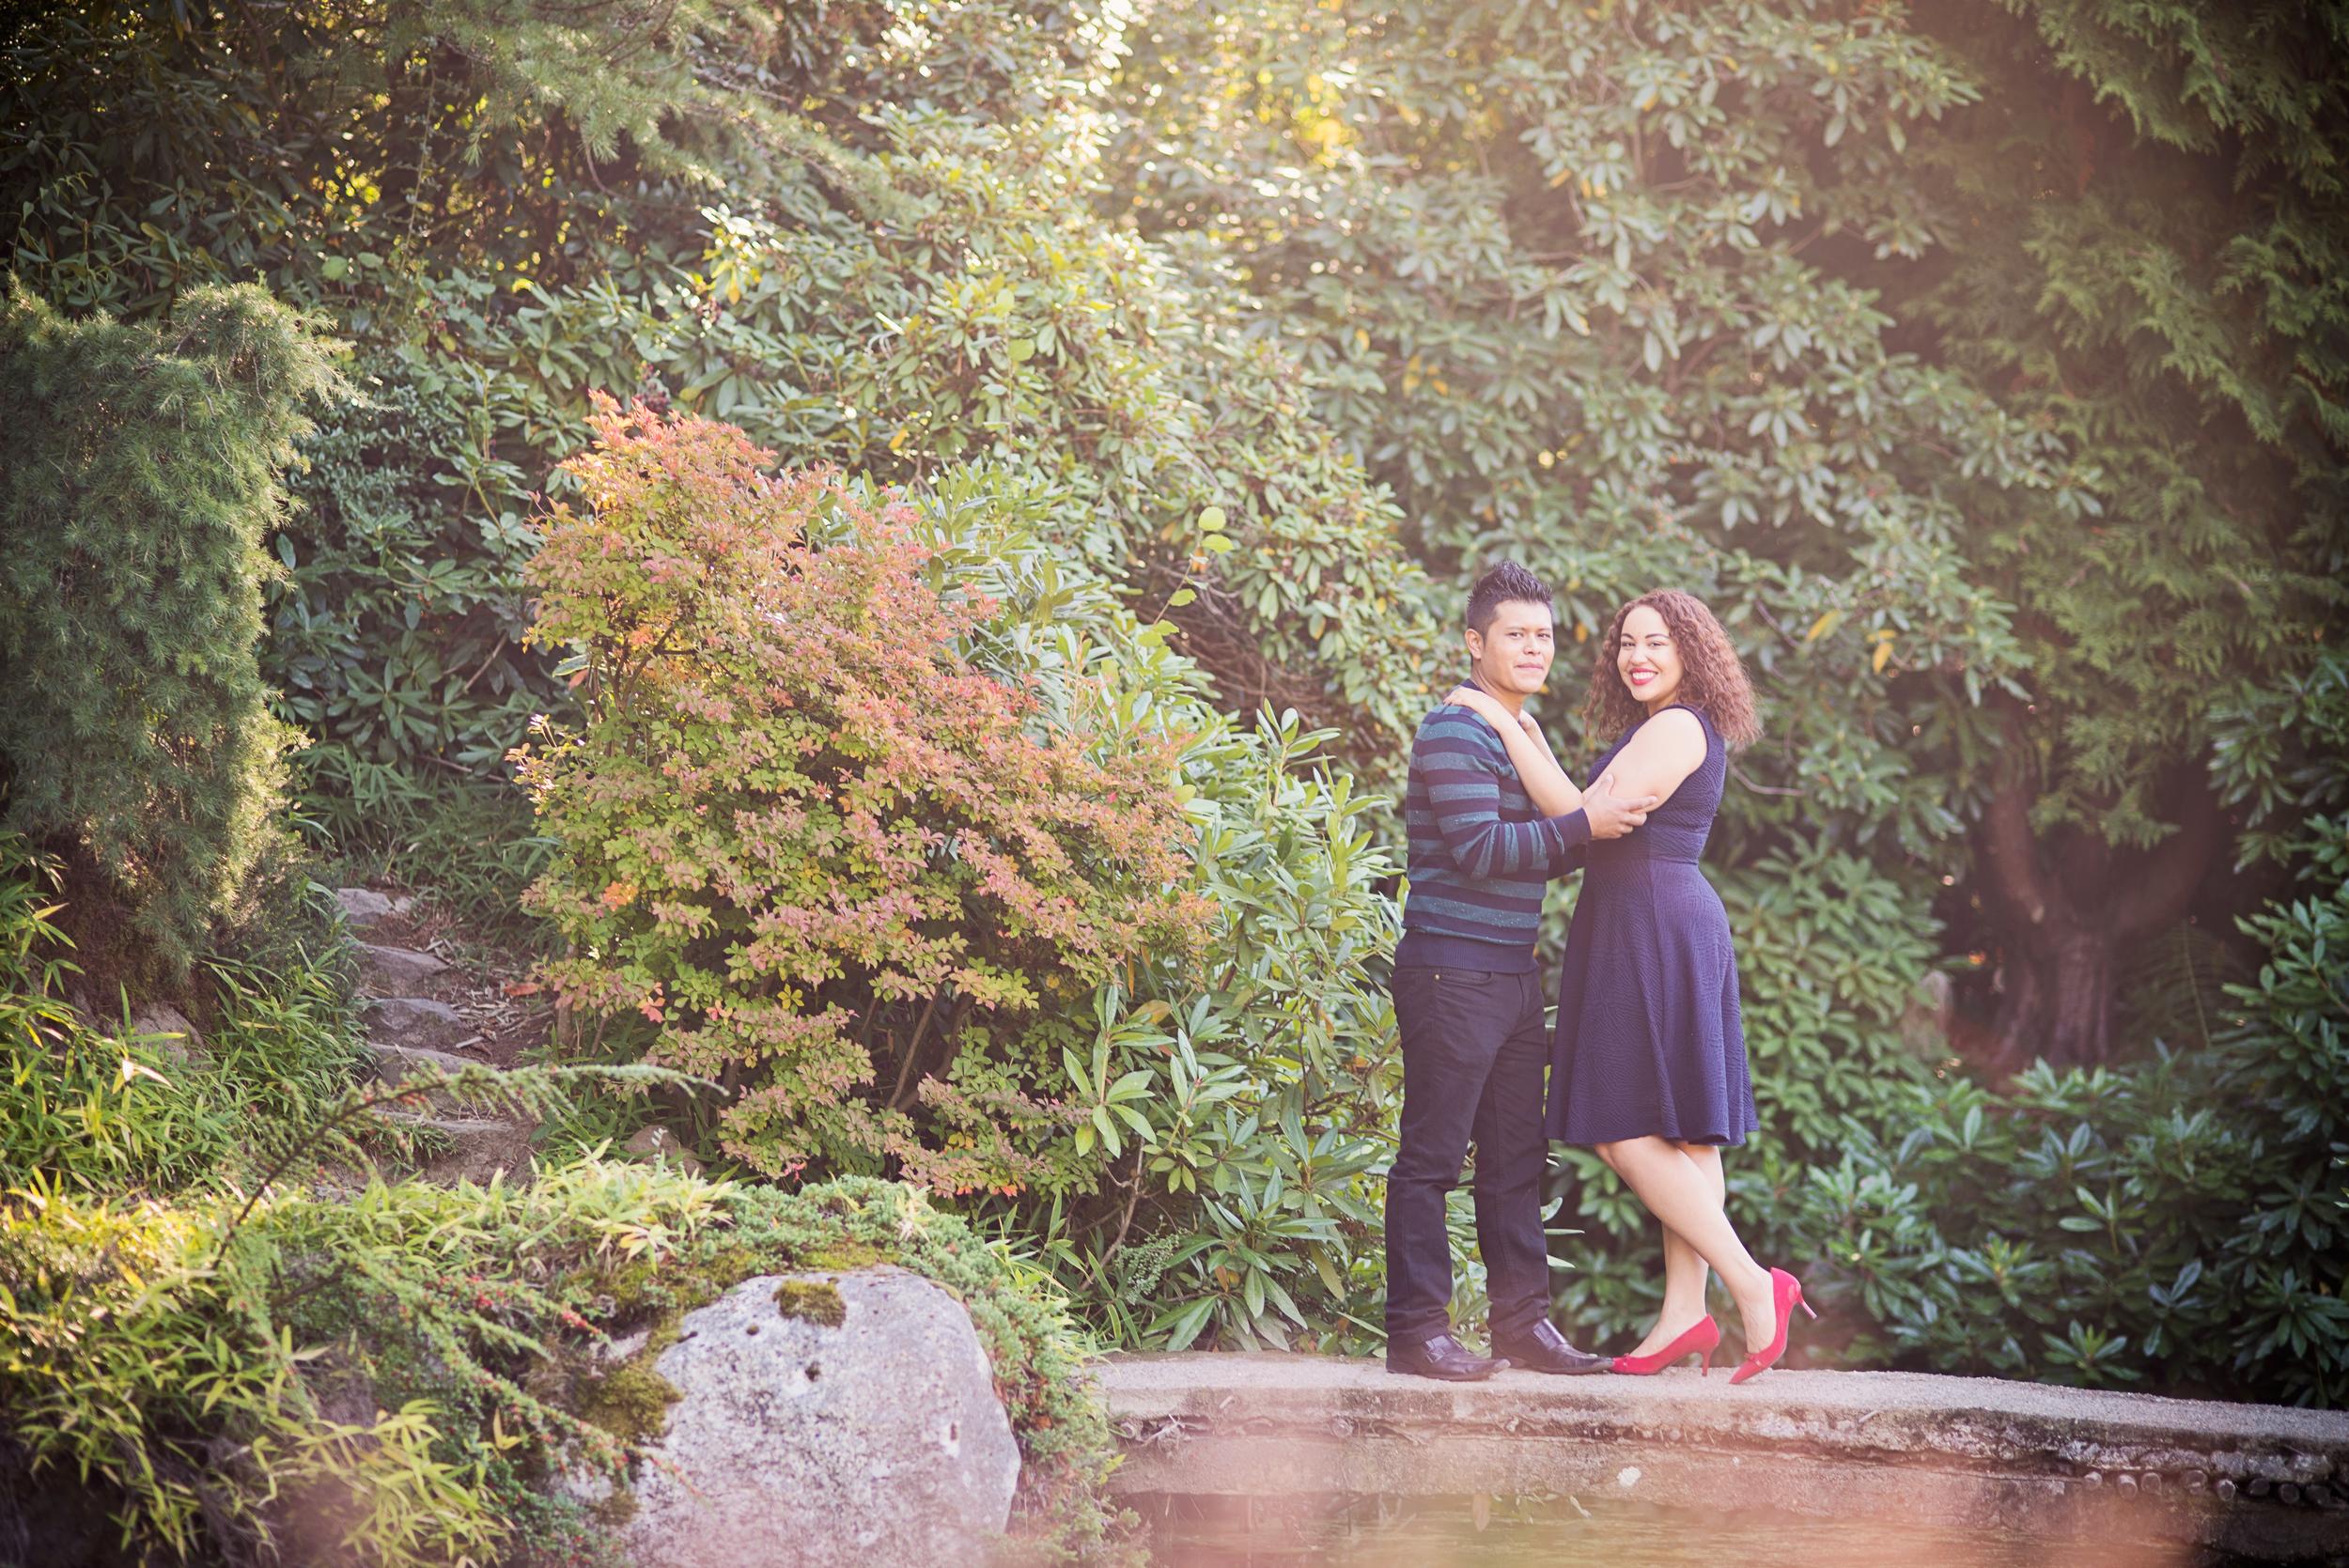 Seattle-Wedding-Photographer,-Kelsey-Lane-Photography_Esther-+-Israel_Kubota-Park-Engagement-2015-34.jpg